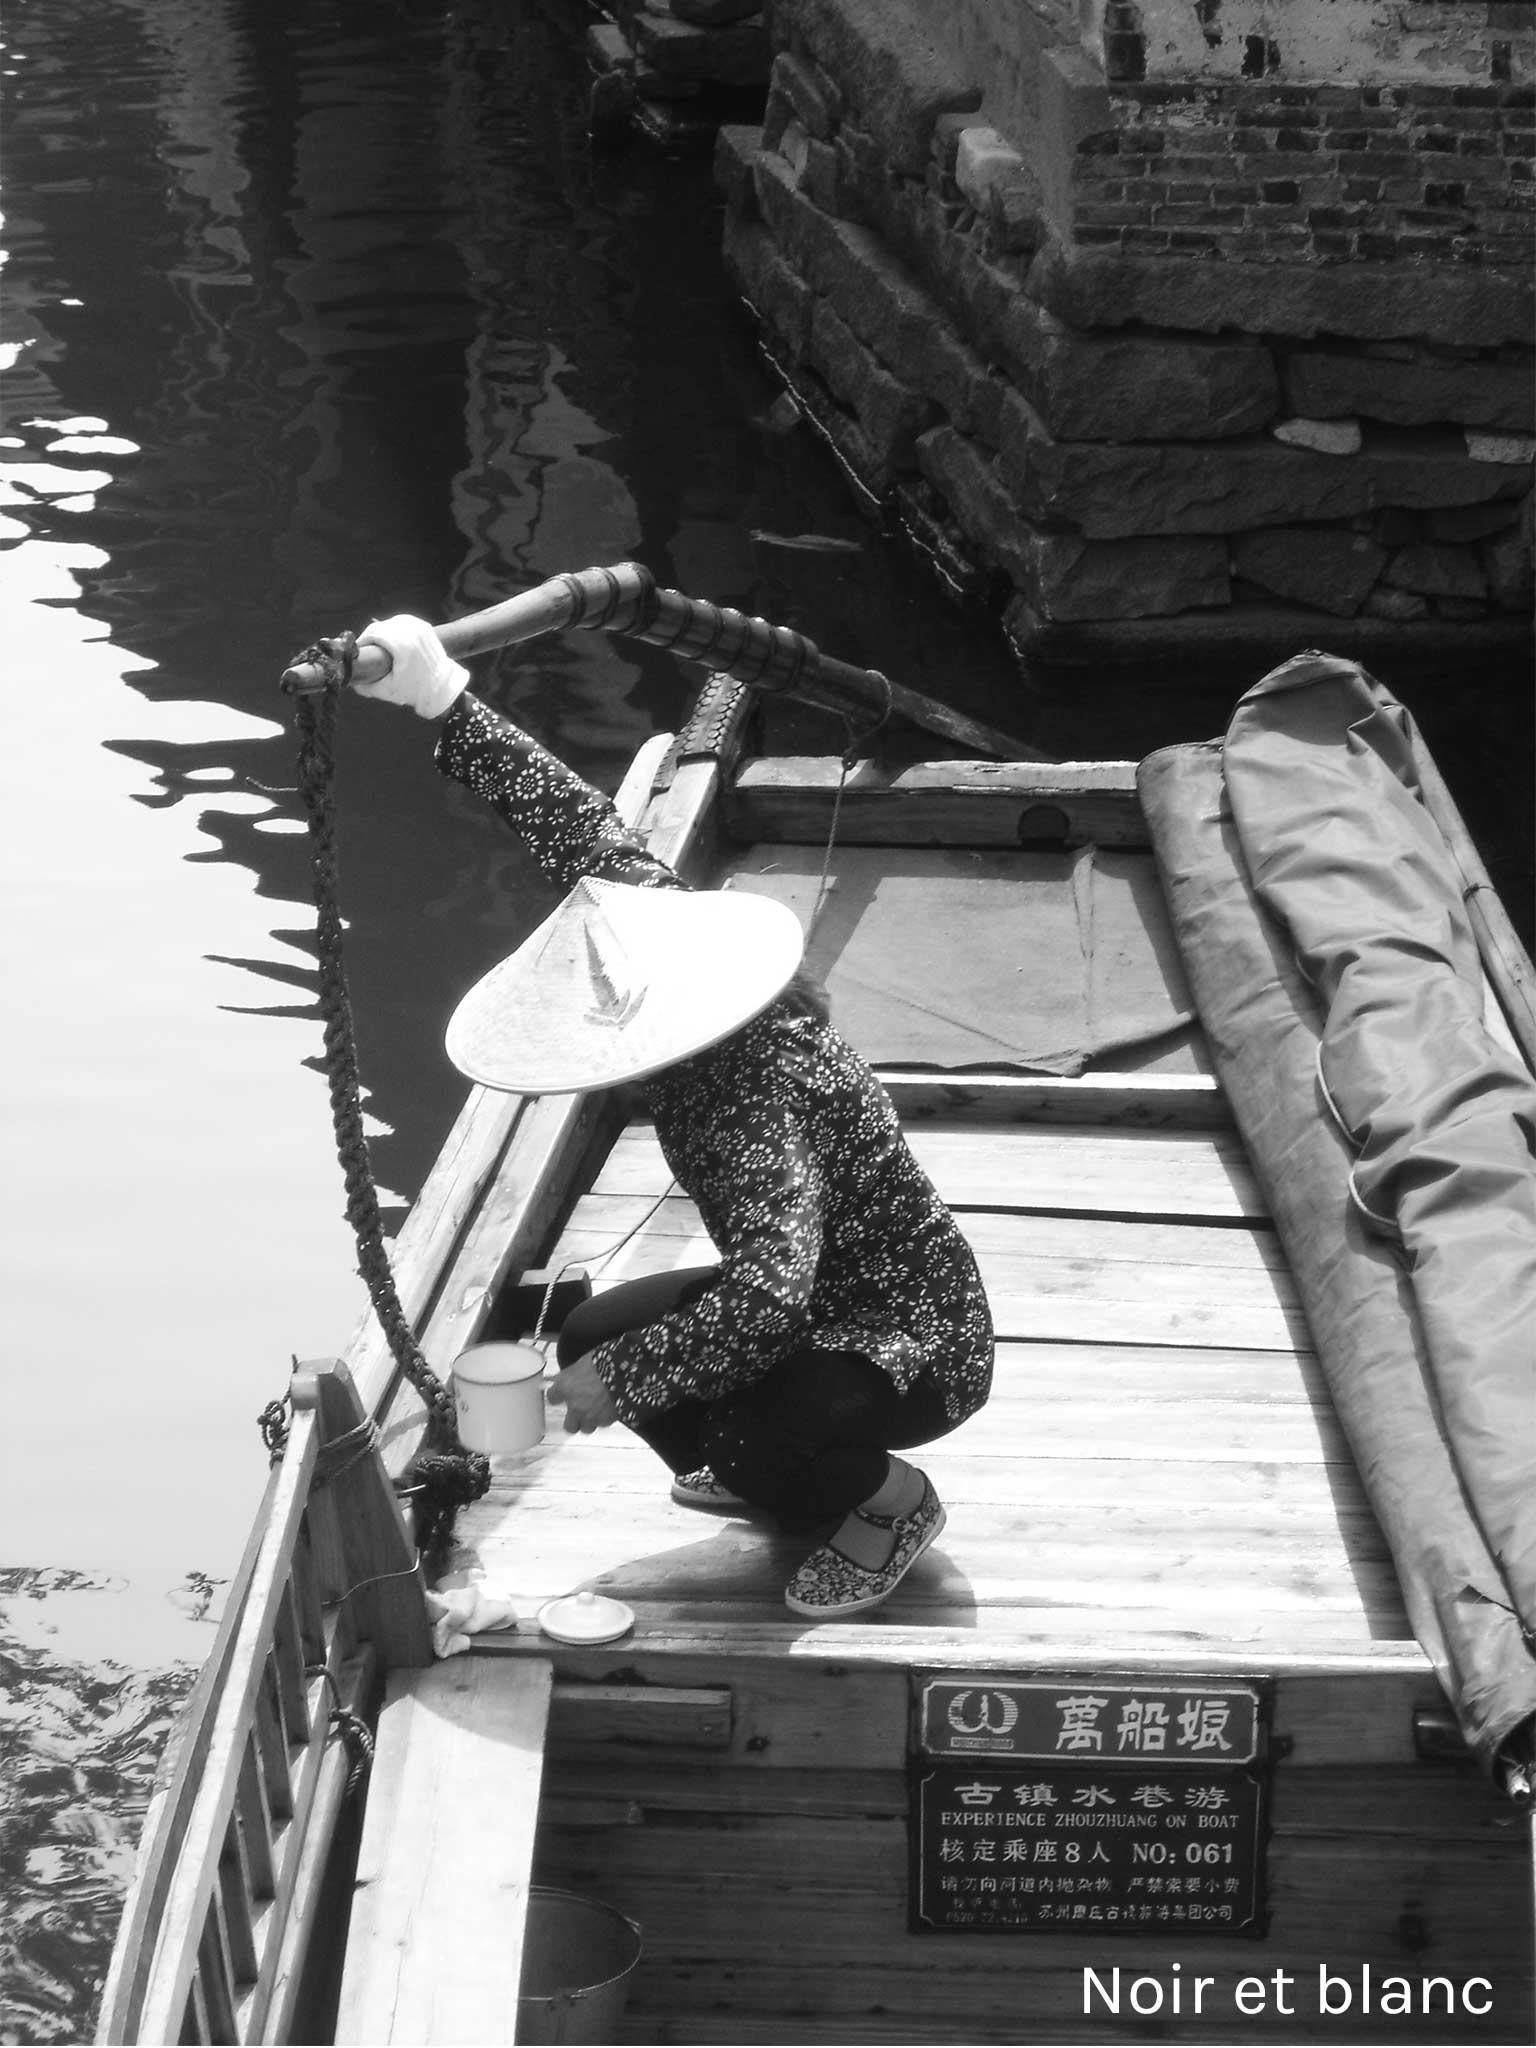 noir-et-blanc-zhouzhuang